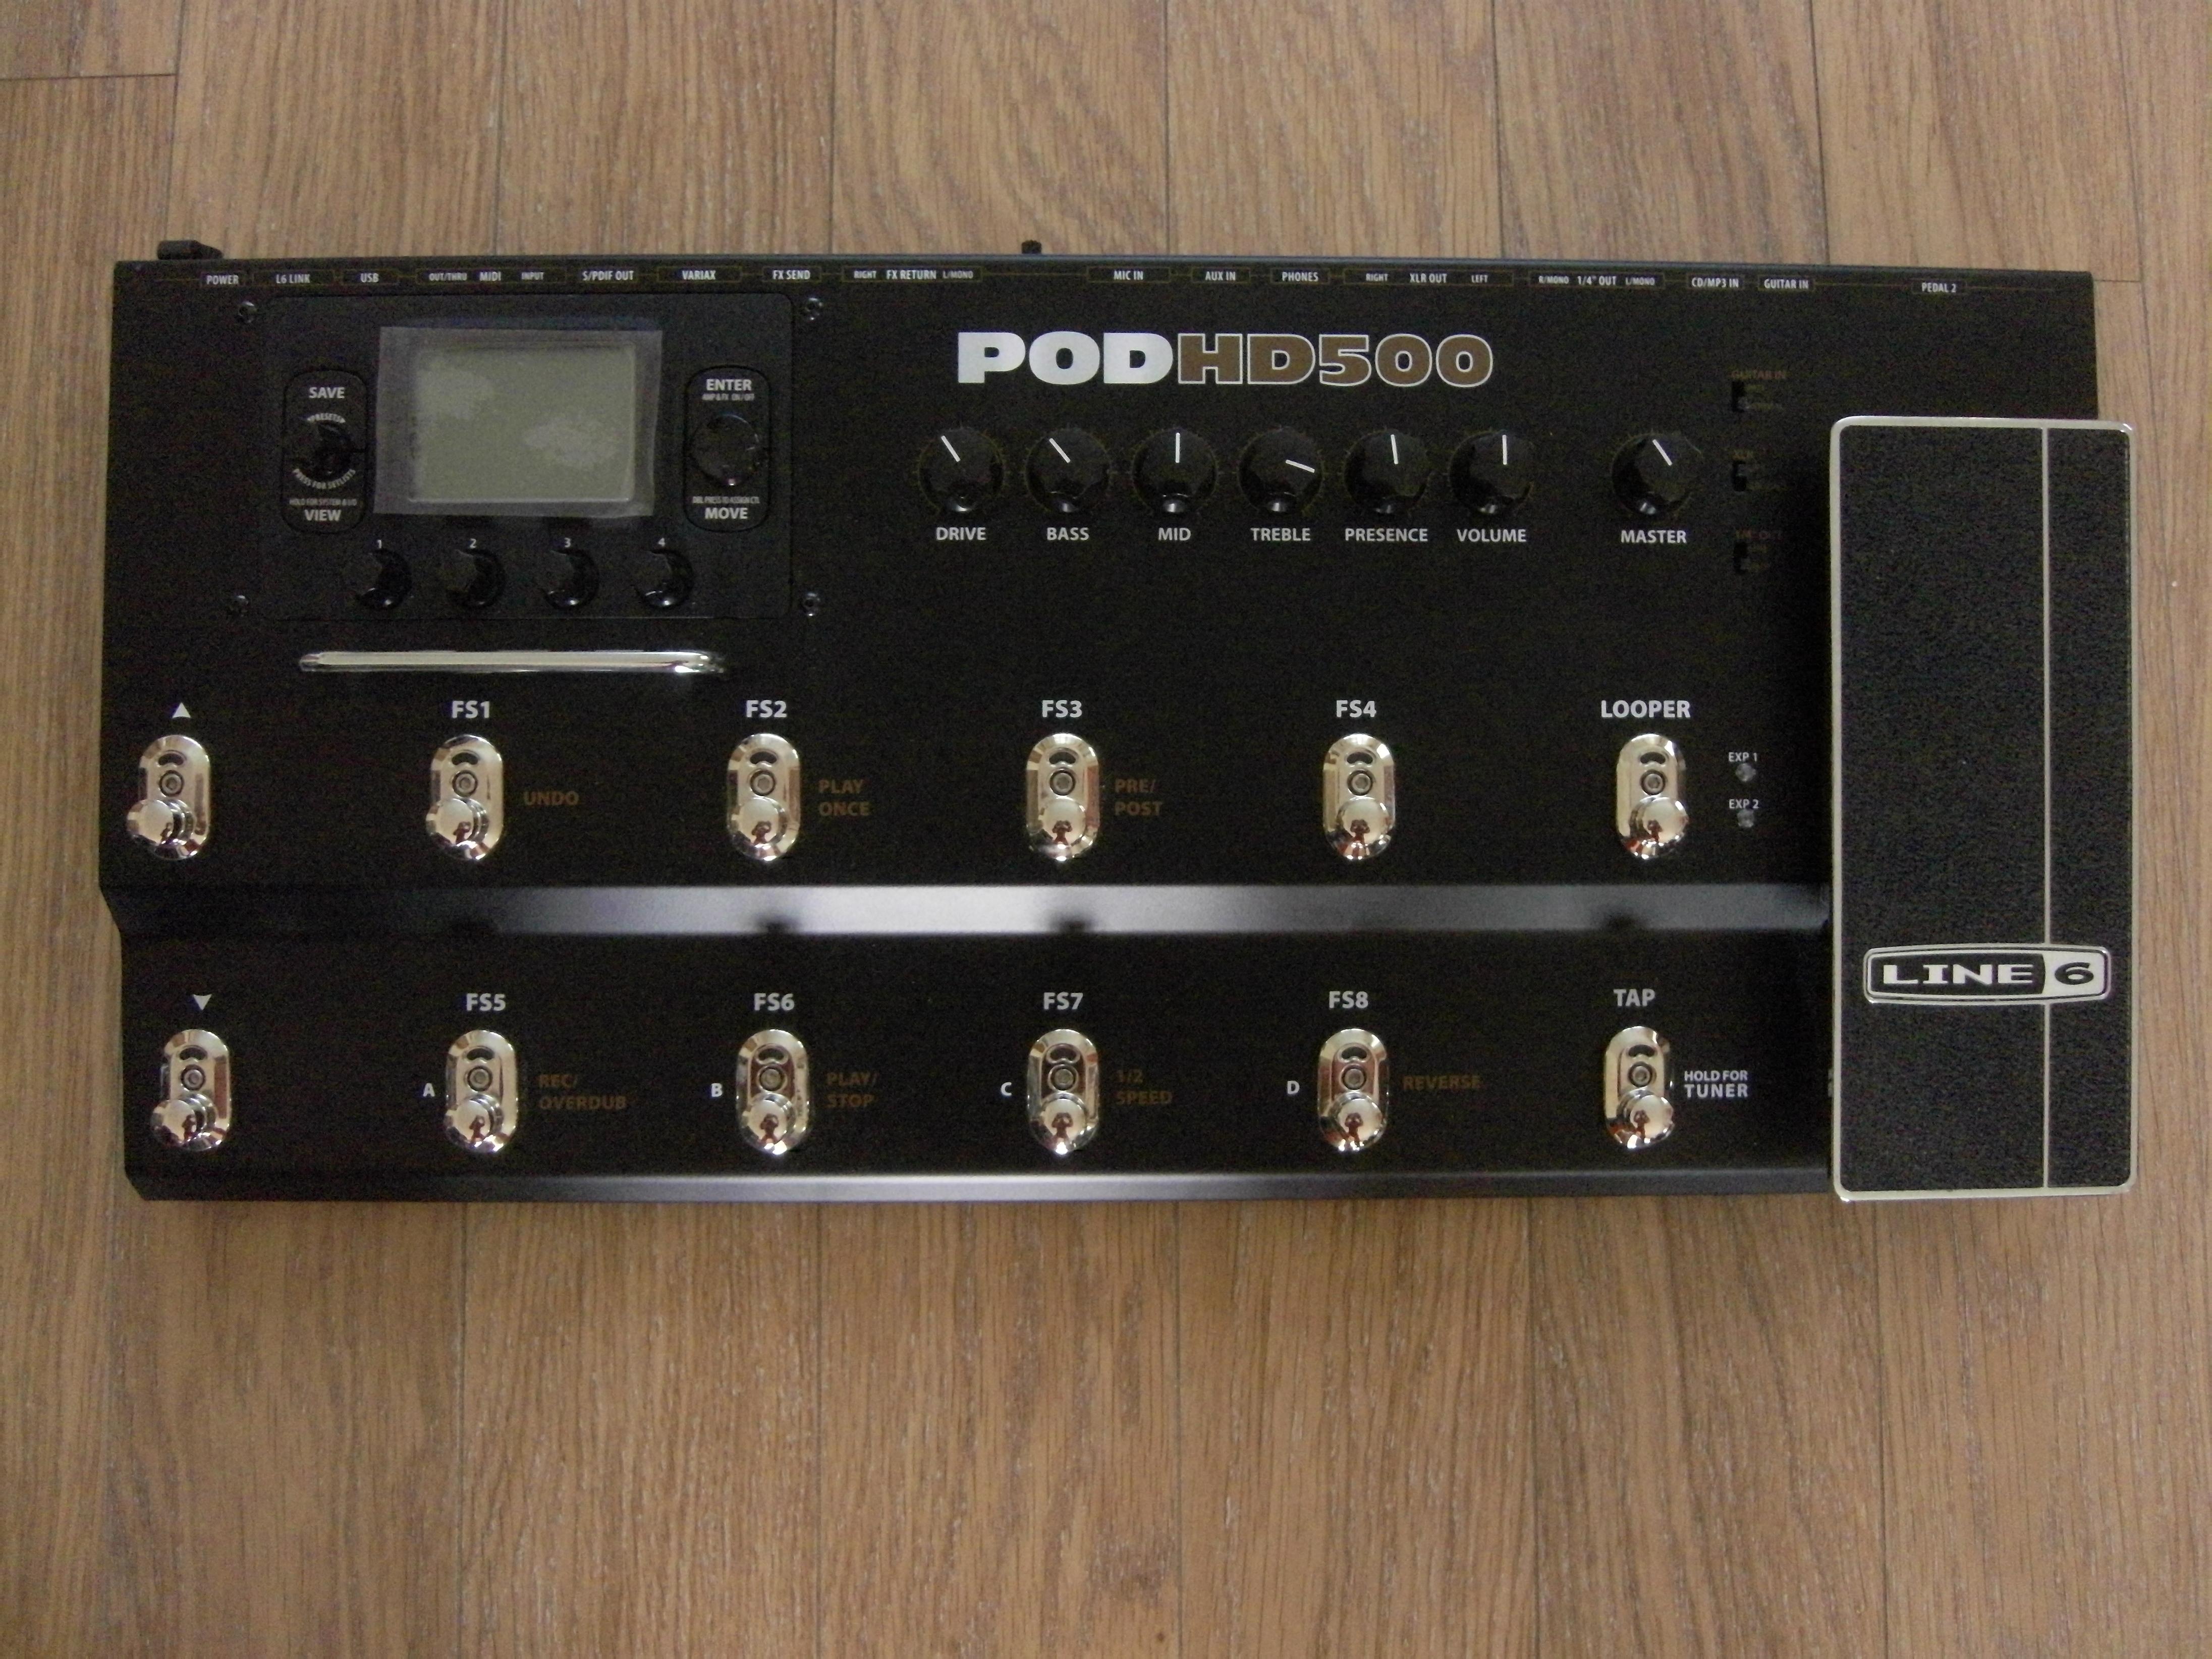 Line 6 Pod Hd500 Инструкция